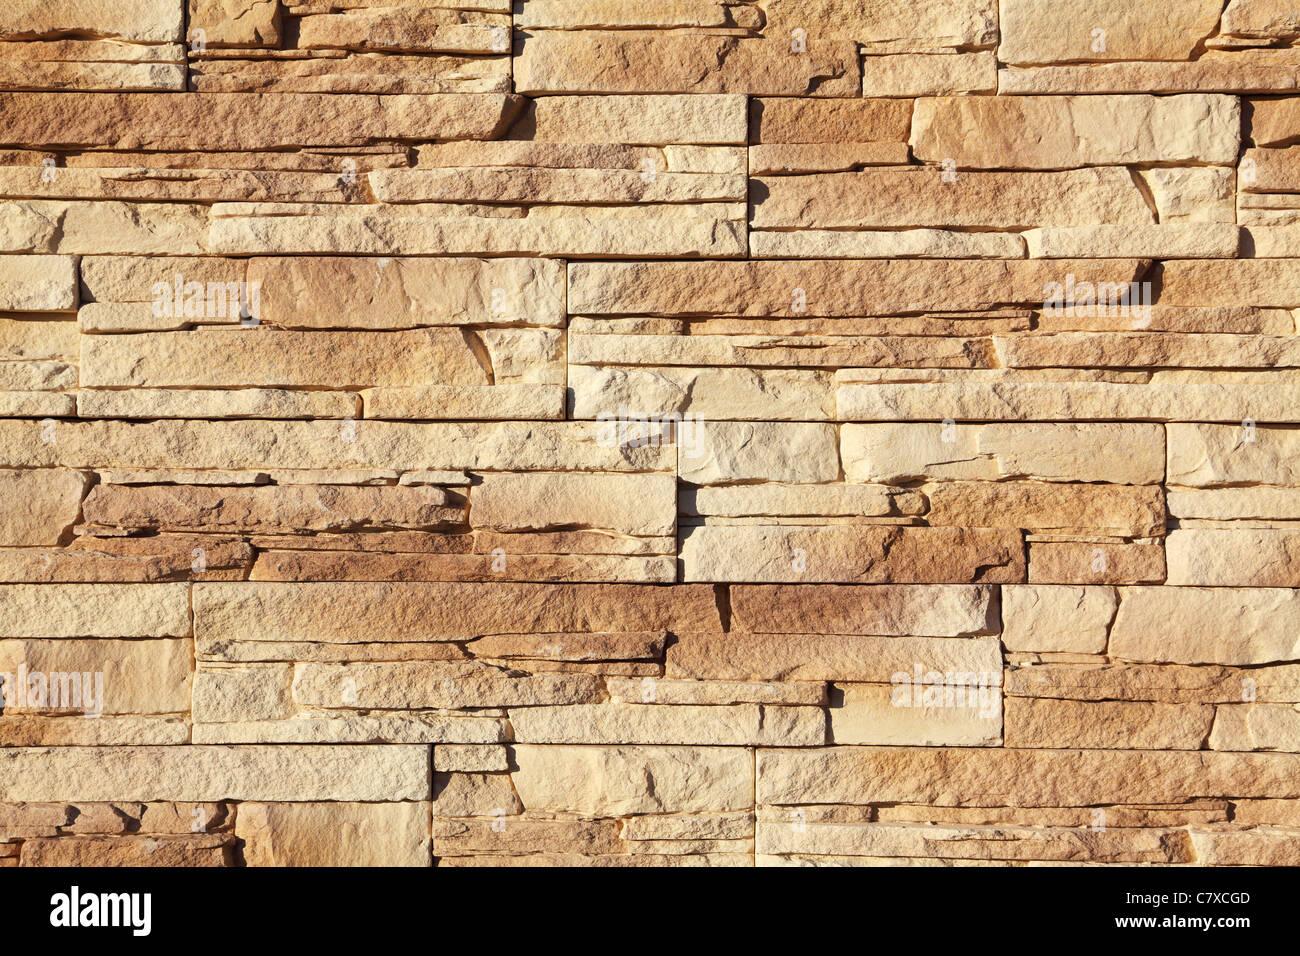 La parete della casa rivestita con pietra Immagini Stock